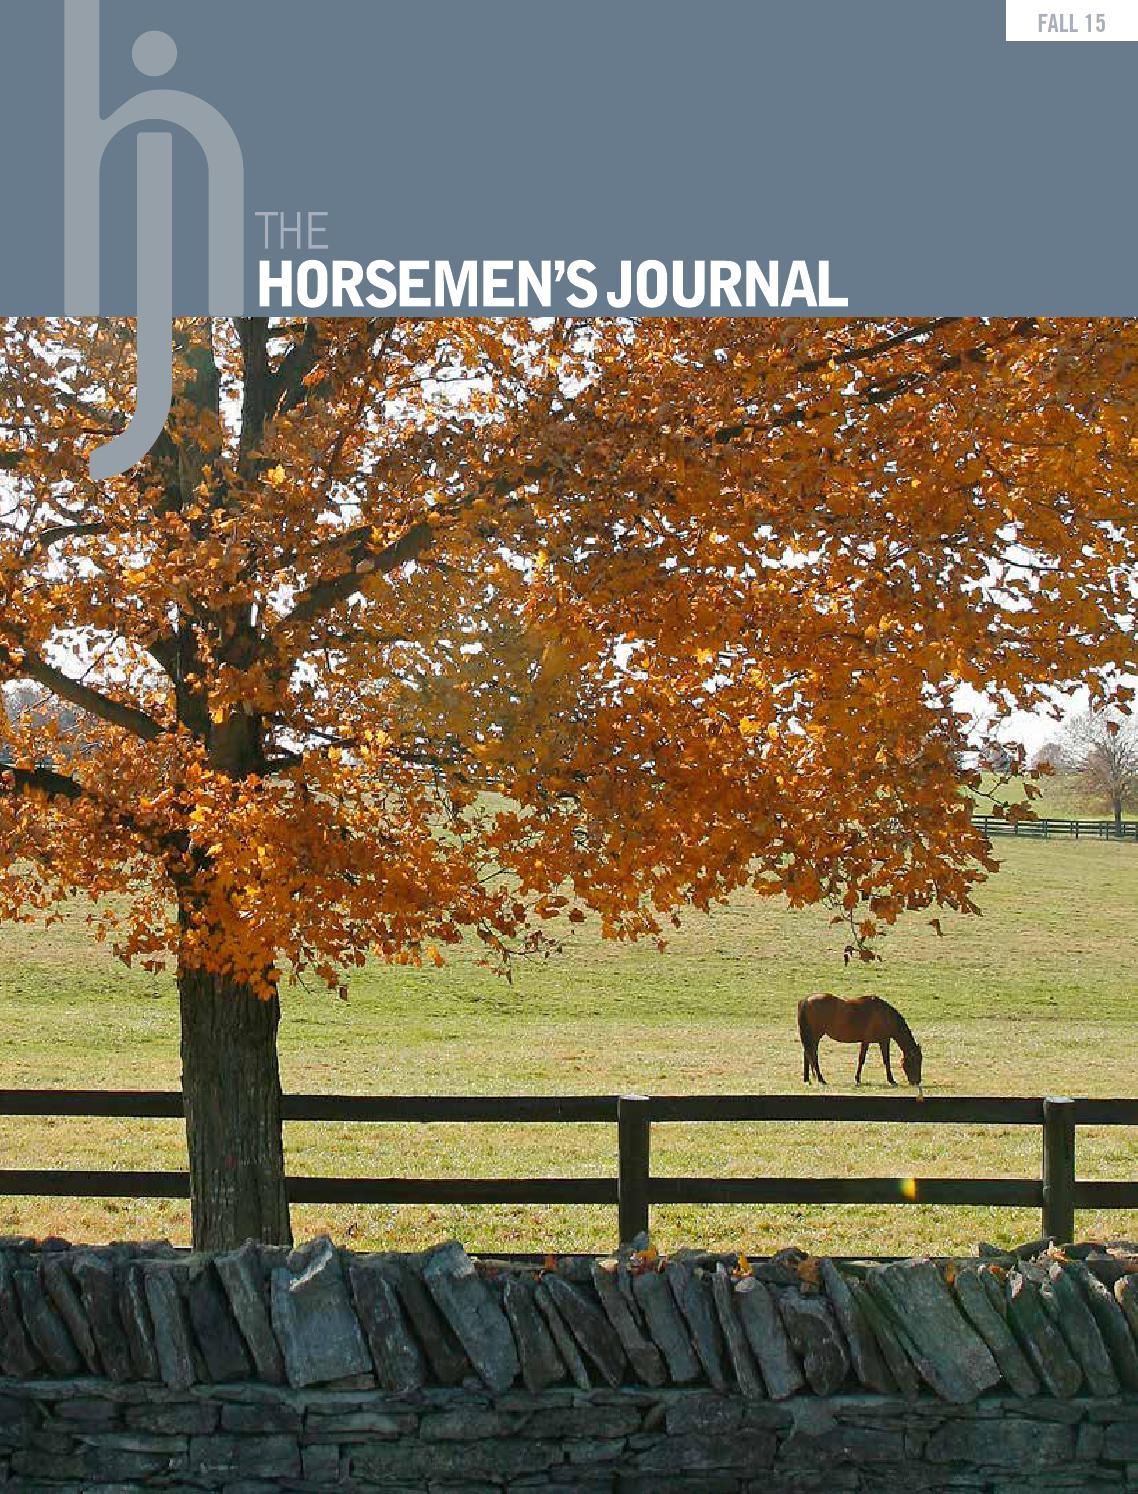 The Horsemen's Journal - Fall 2015 by The Horsemen's ...